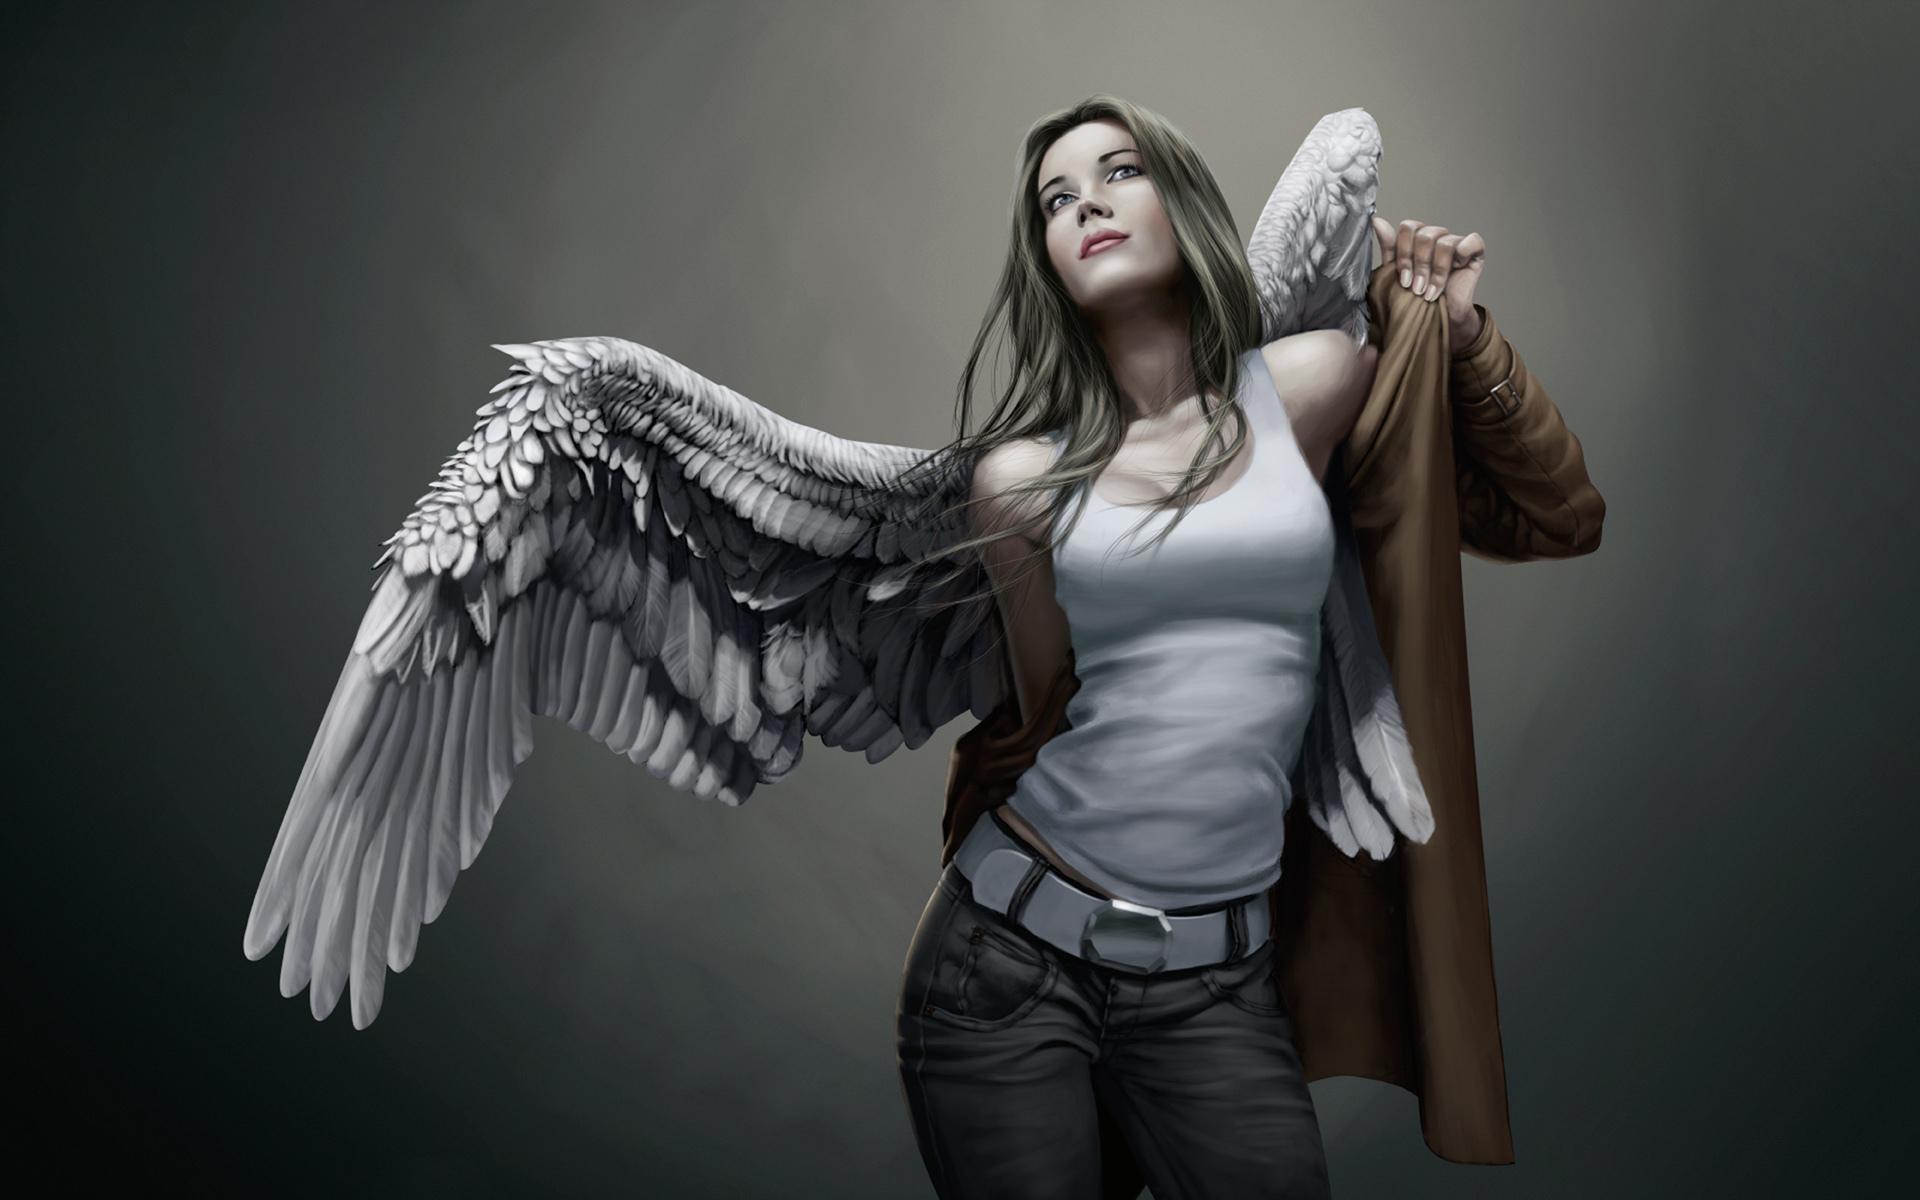 Обои на телефон девушка с крыльями